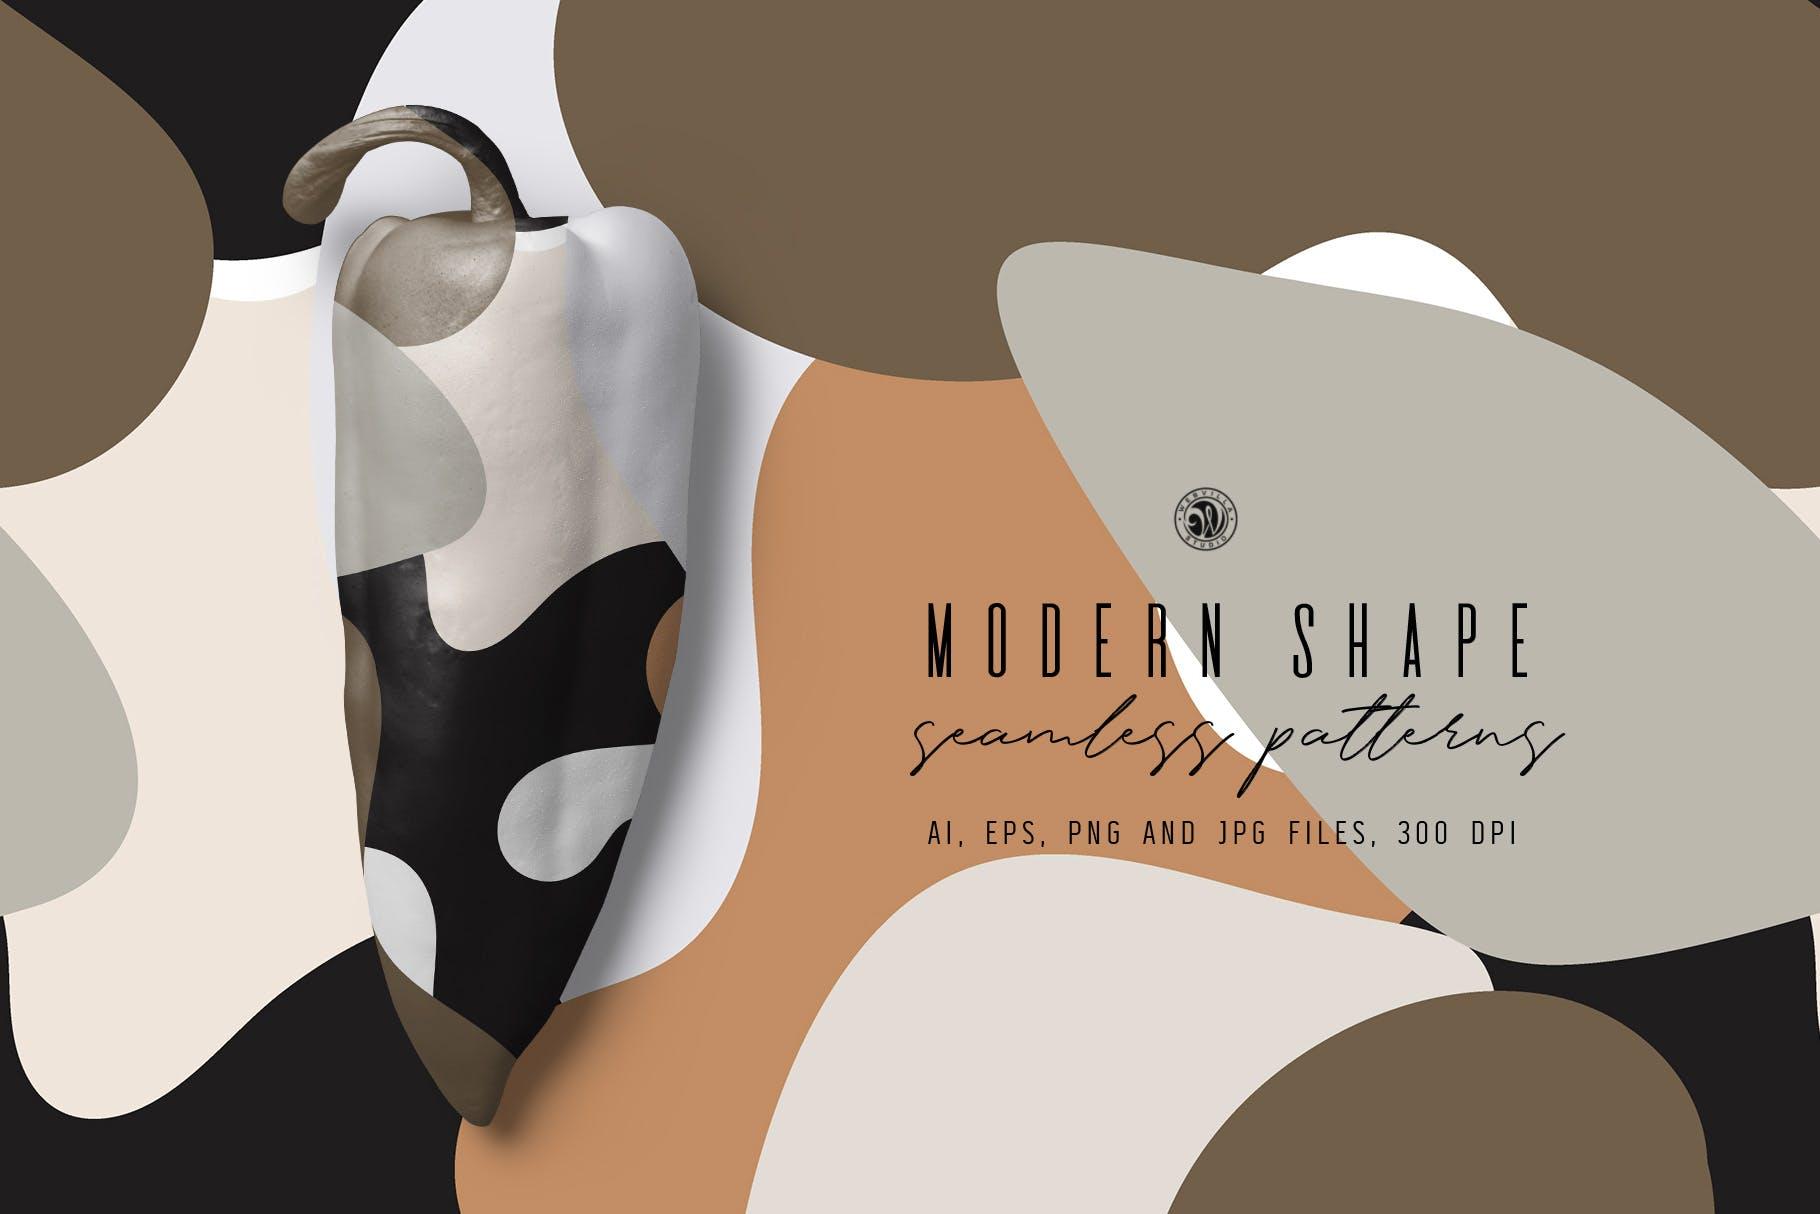 现代抽象几何形状创意装饰图案素材Modern Shape Patterns插图(3)